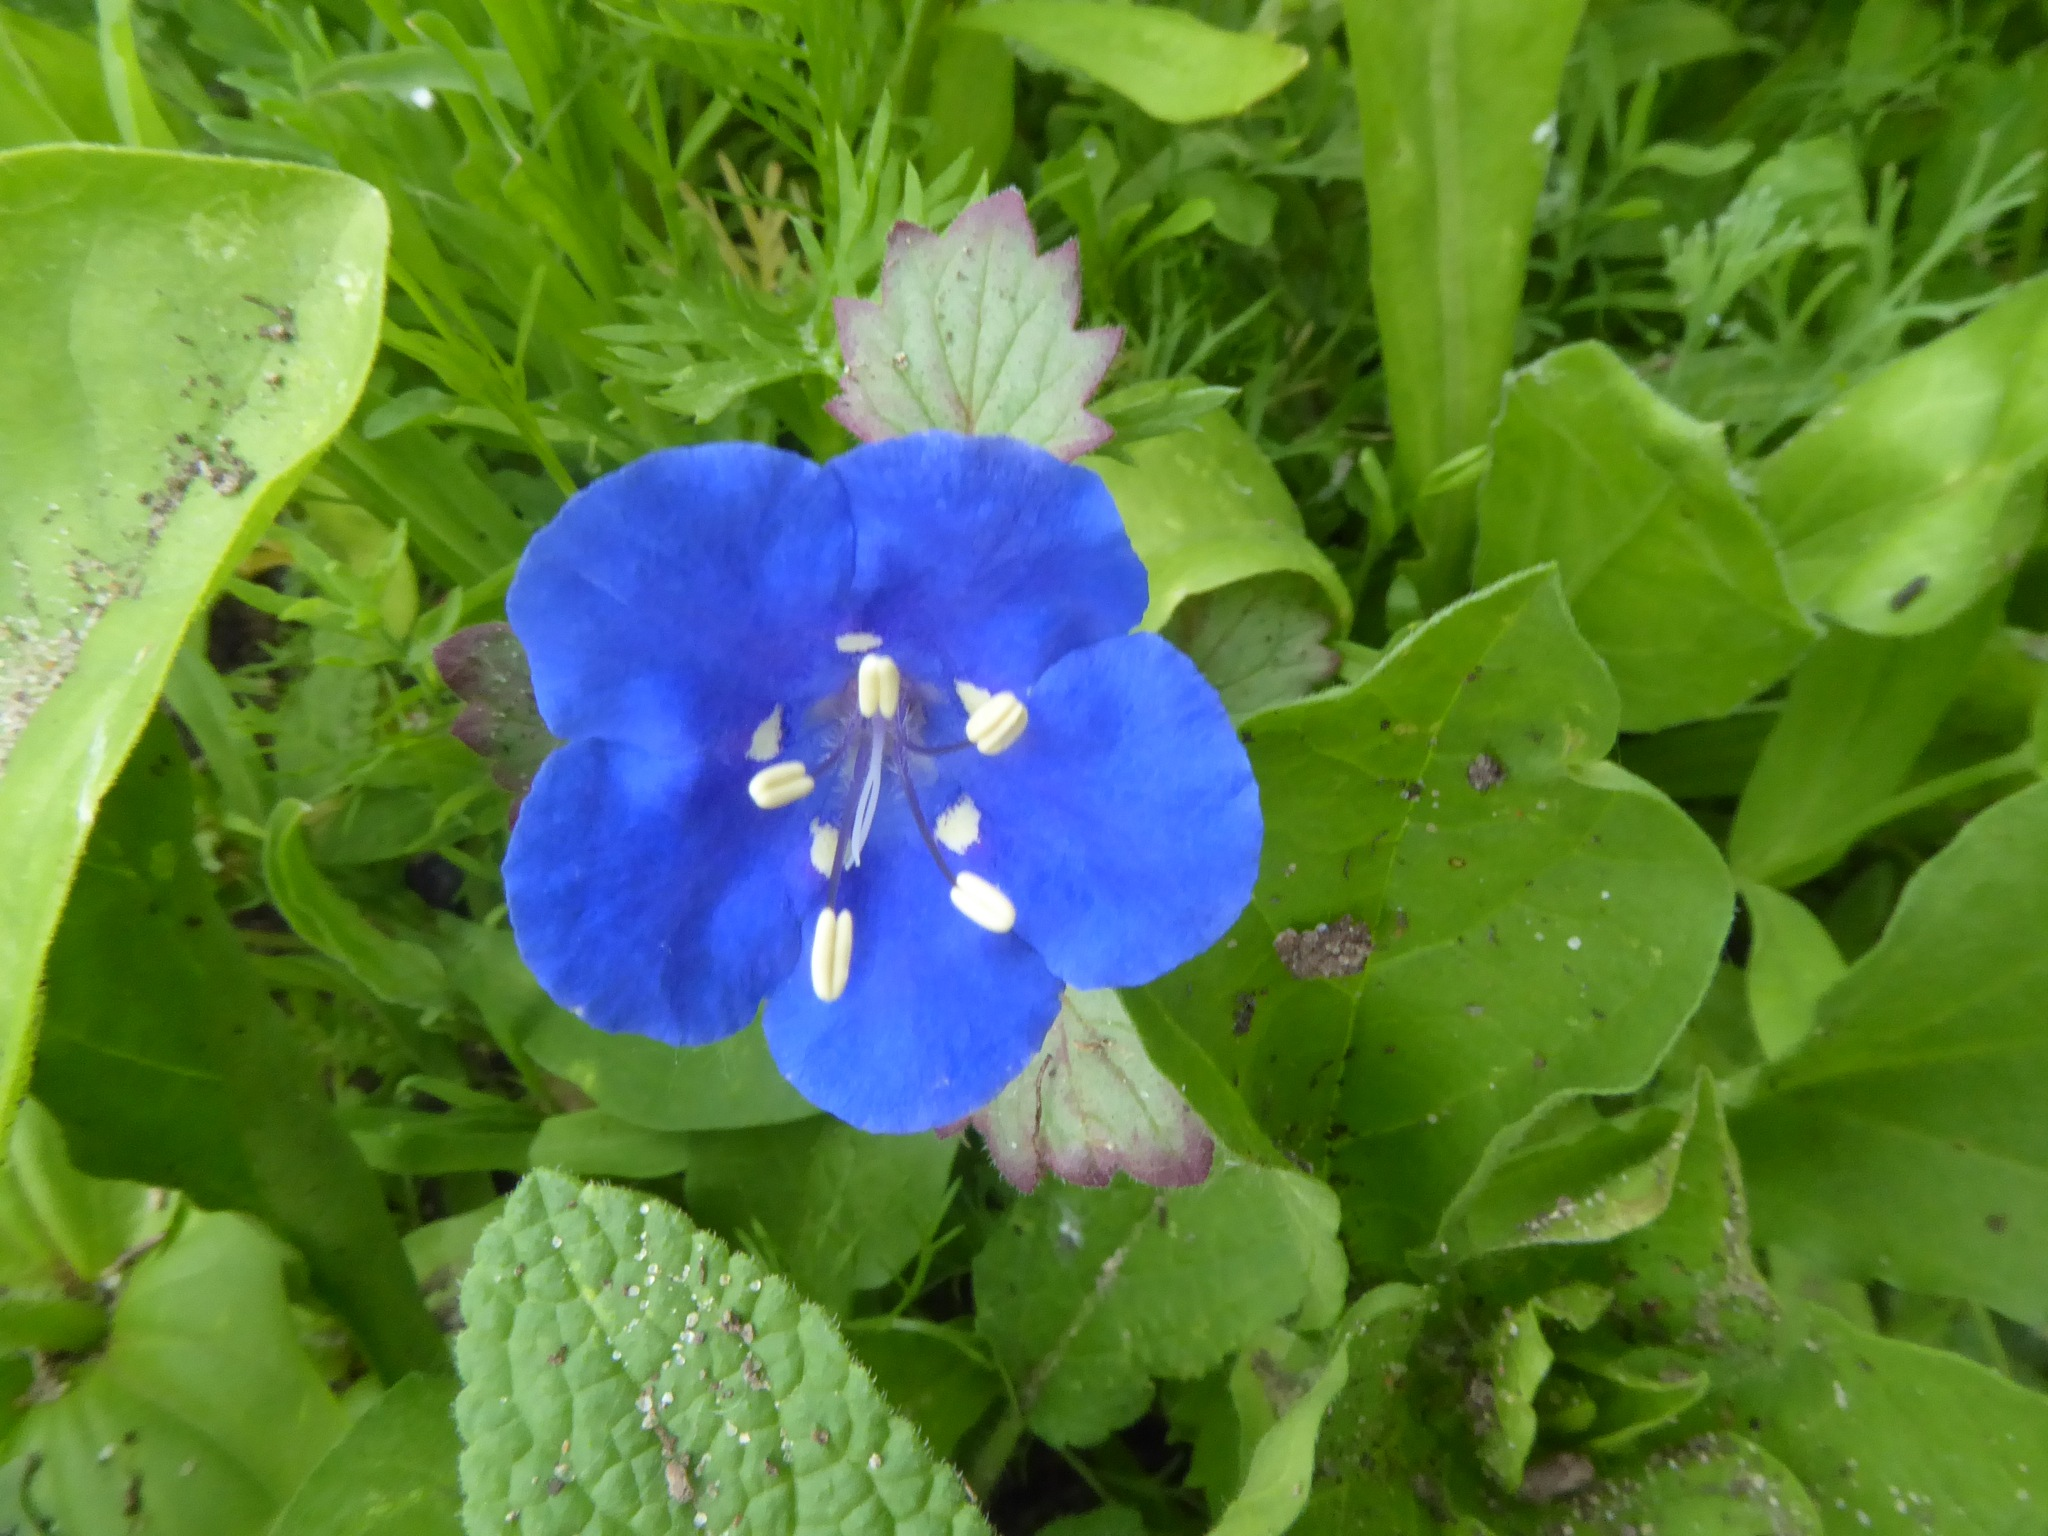 wonderfull blue bloom by Norbert Reiss